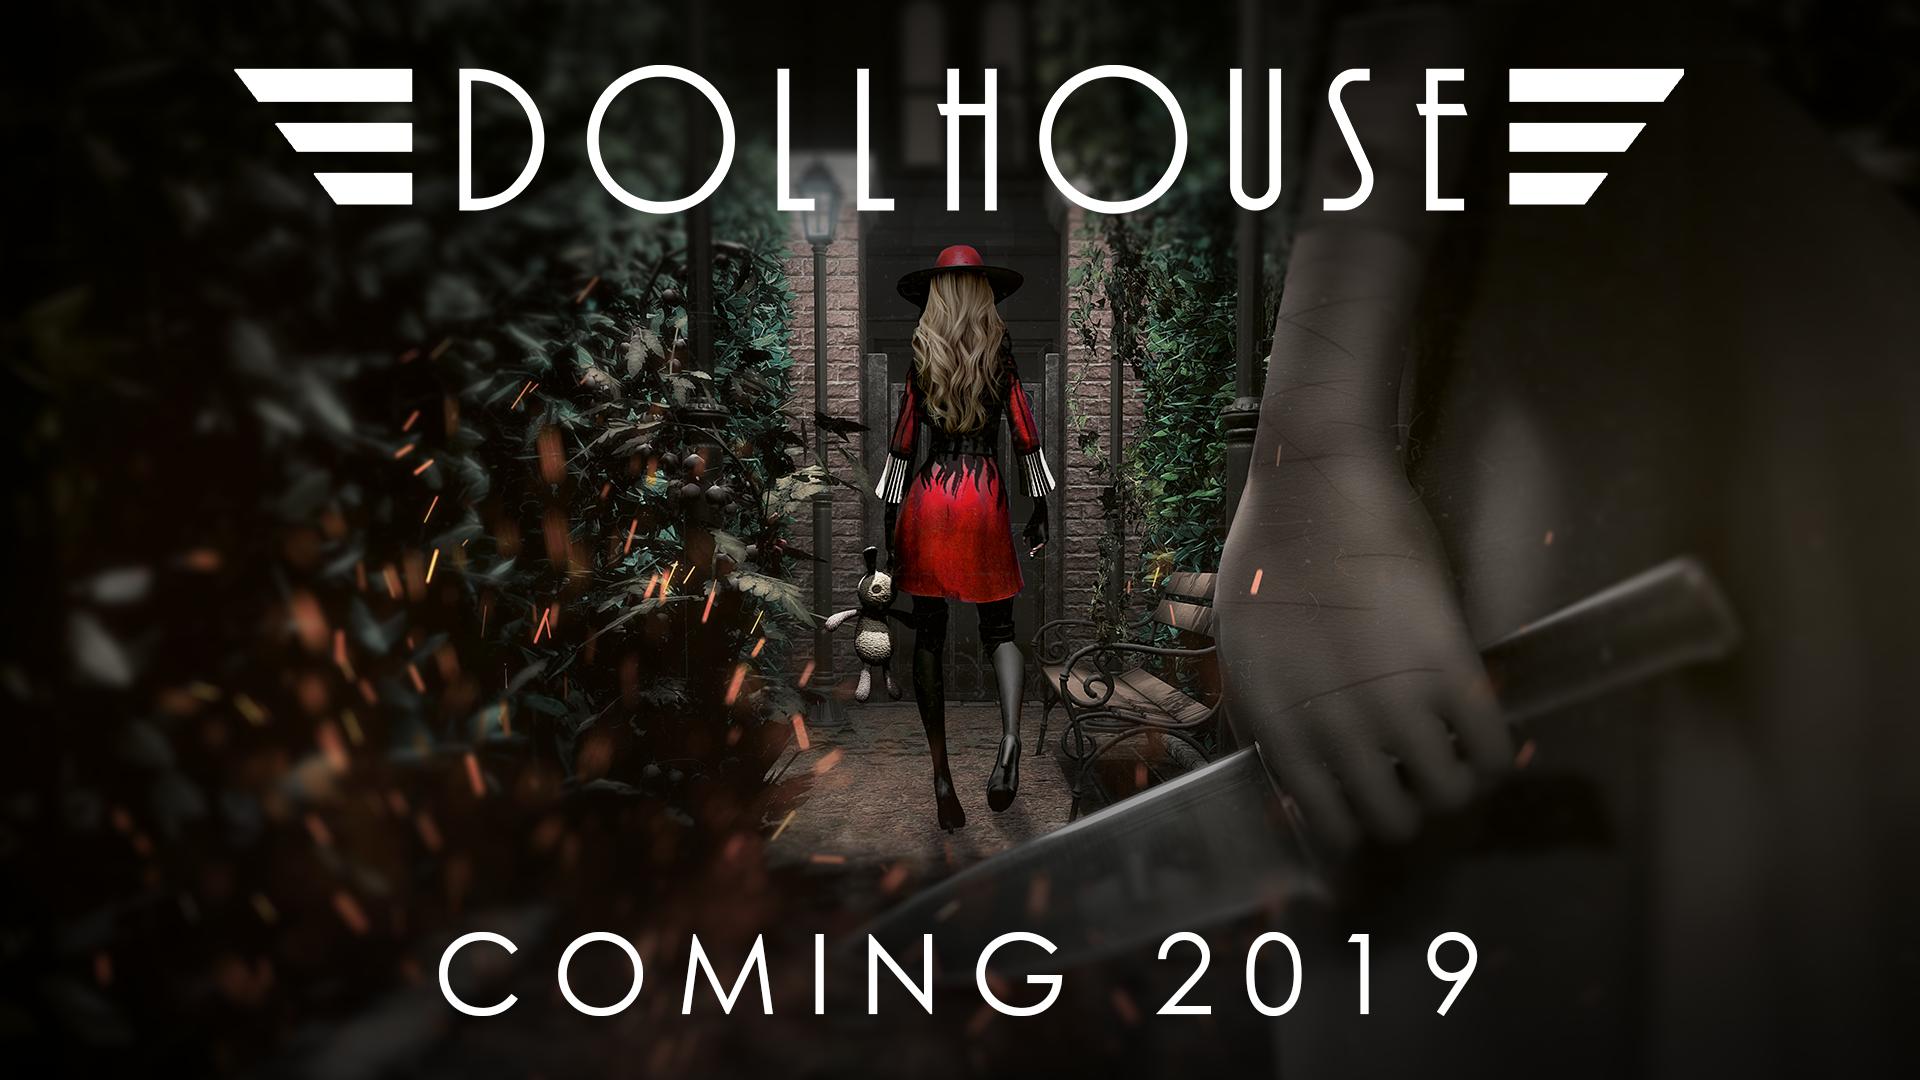 Psihologicheskij Nuarnyj Horror Dollhouse Vyjdet Na Pk I Ps4 V 2019 Godu